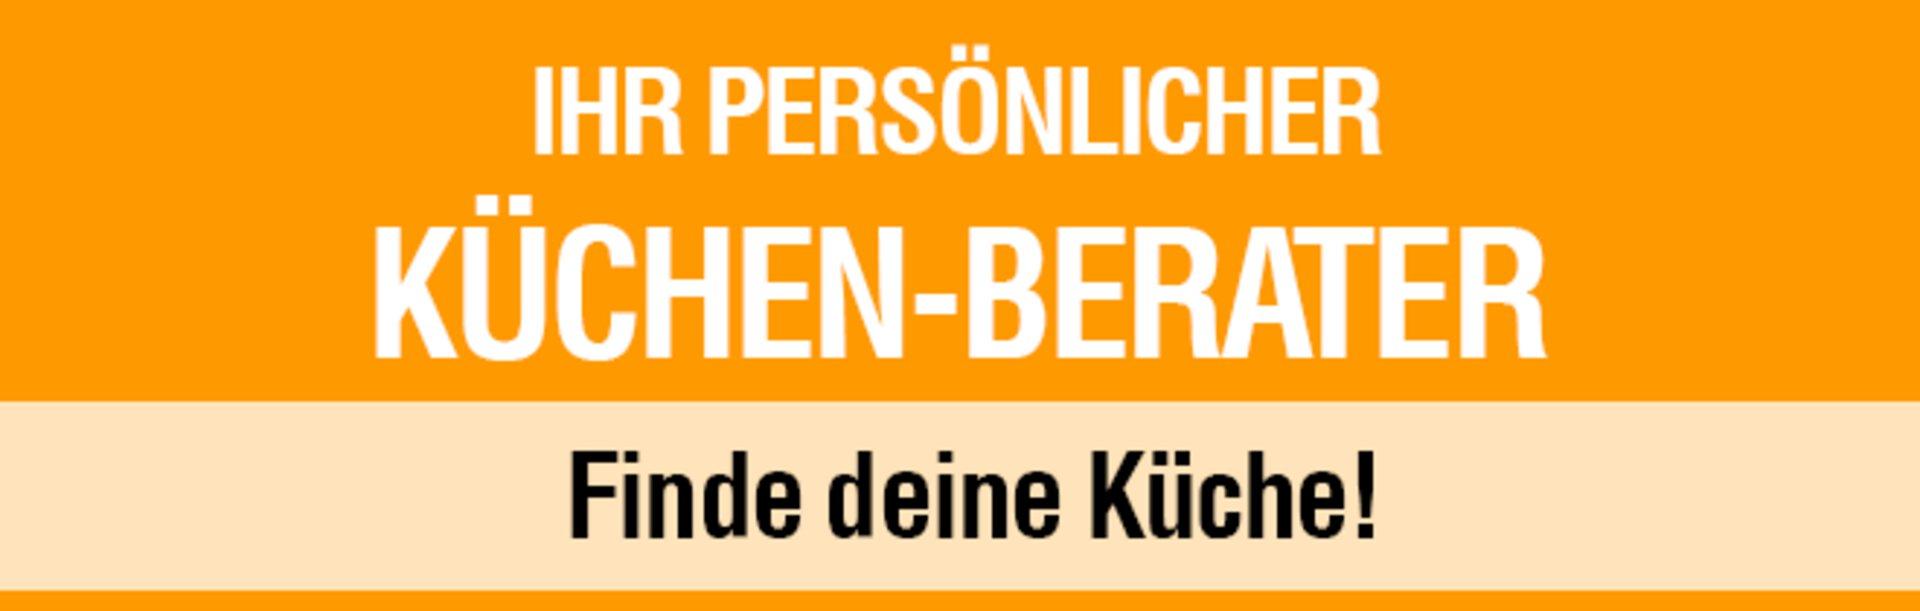 Banner zu Küchenberater